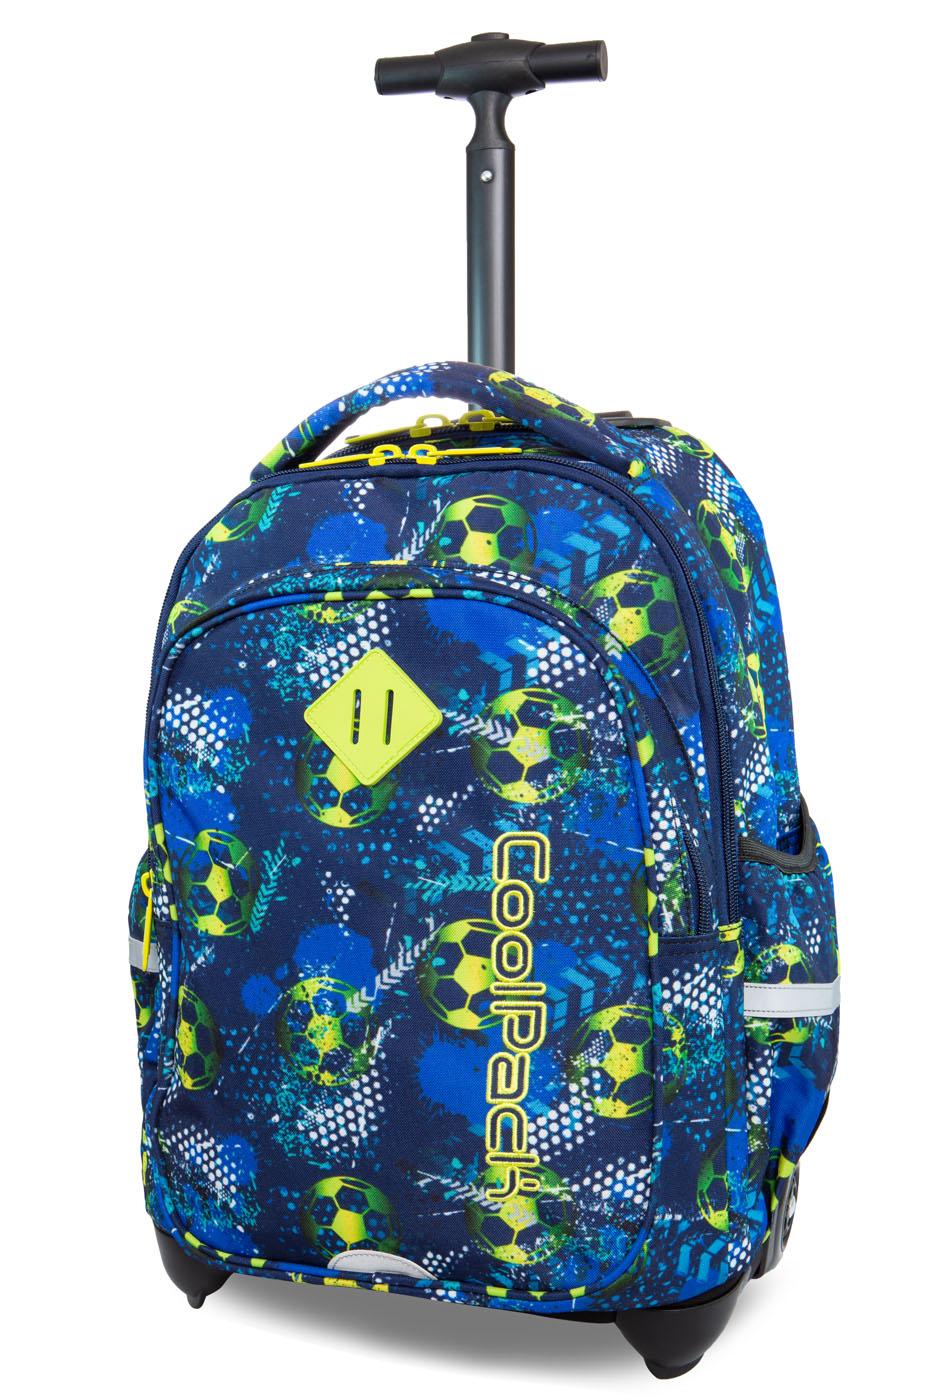 Coolpack   junior  rygsæk med hjul   football blue